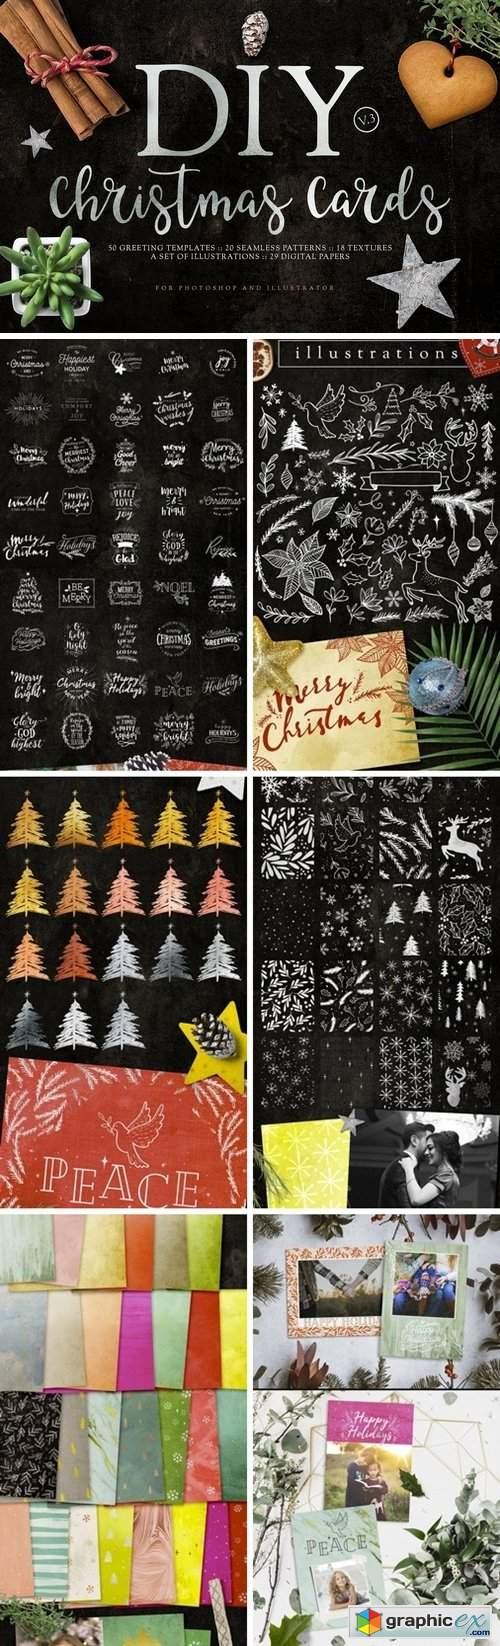 DIY Christmas Cards v3